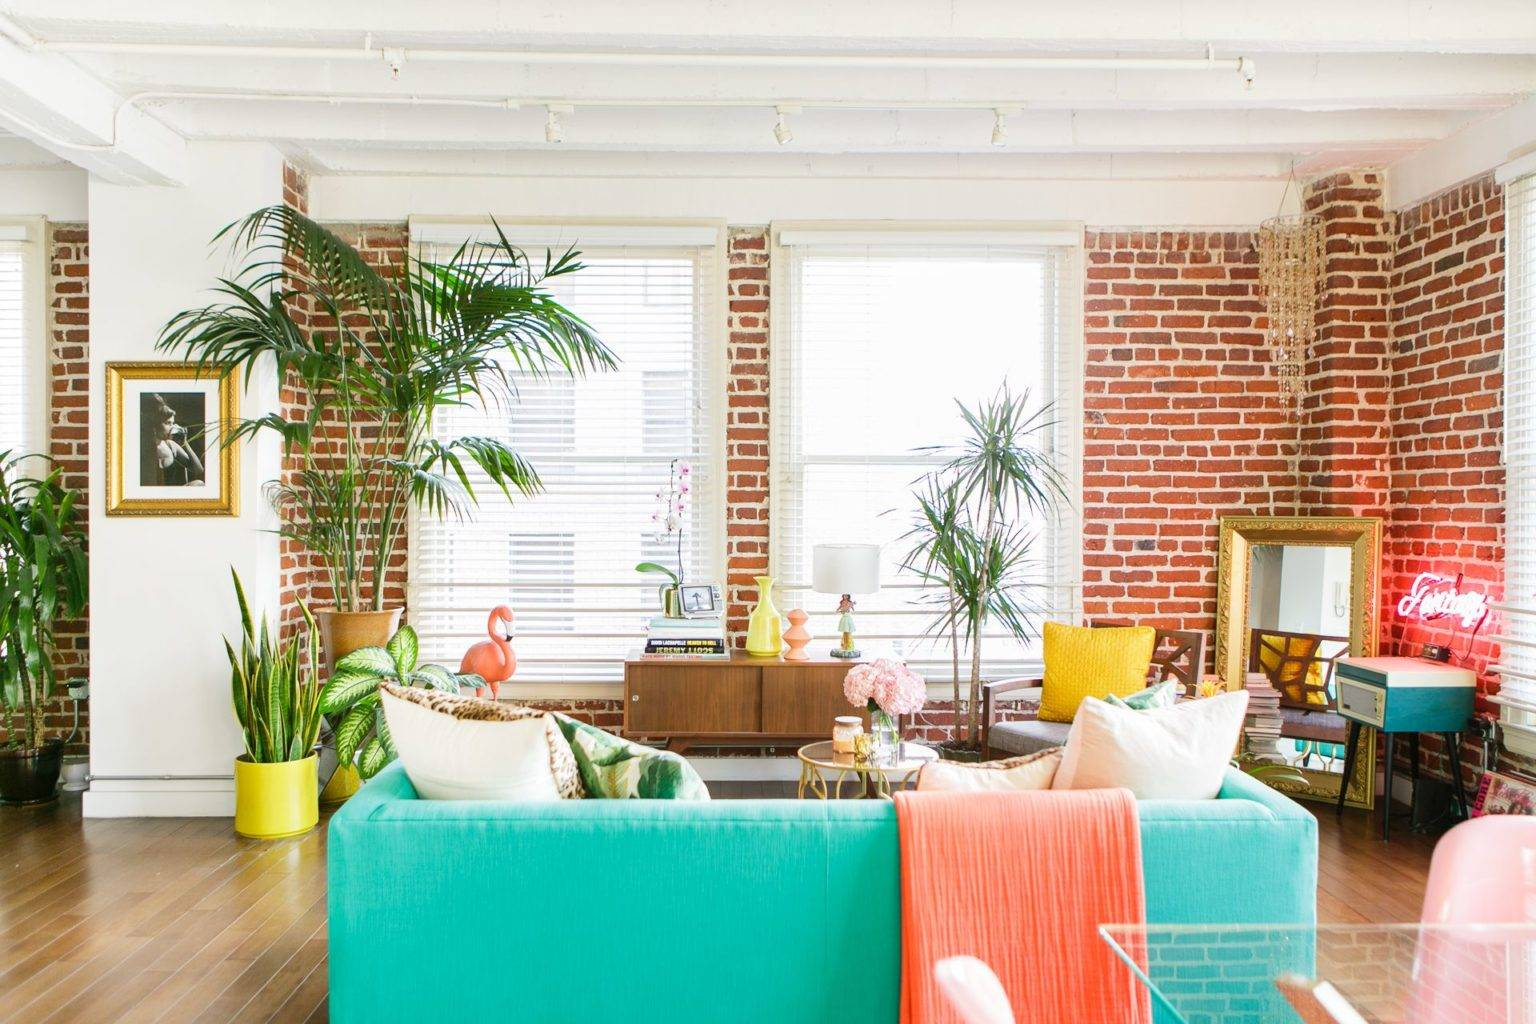 Căn hộ có nội thất bằng gạch đỏ được trang trí với tông màu vàng và san hô đậm bao quanh chiếc ghế sofa màu xanh ngọc làm trung tâm trong căn gác xép đầy màu sắc này.